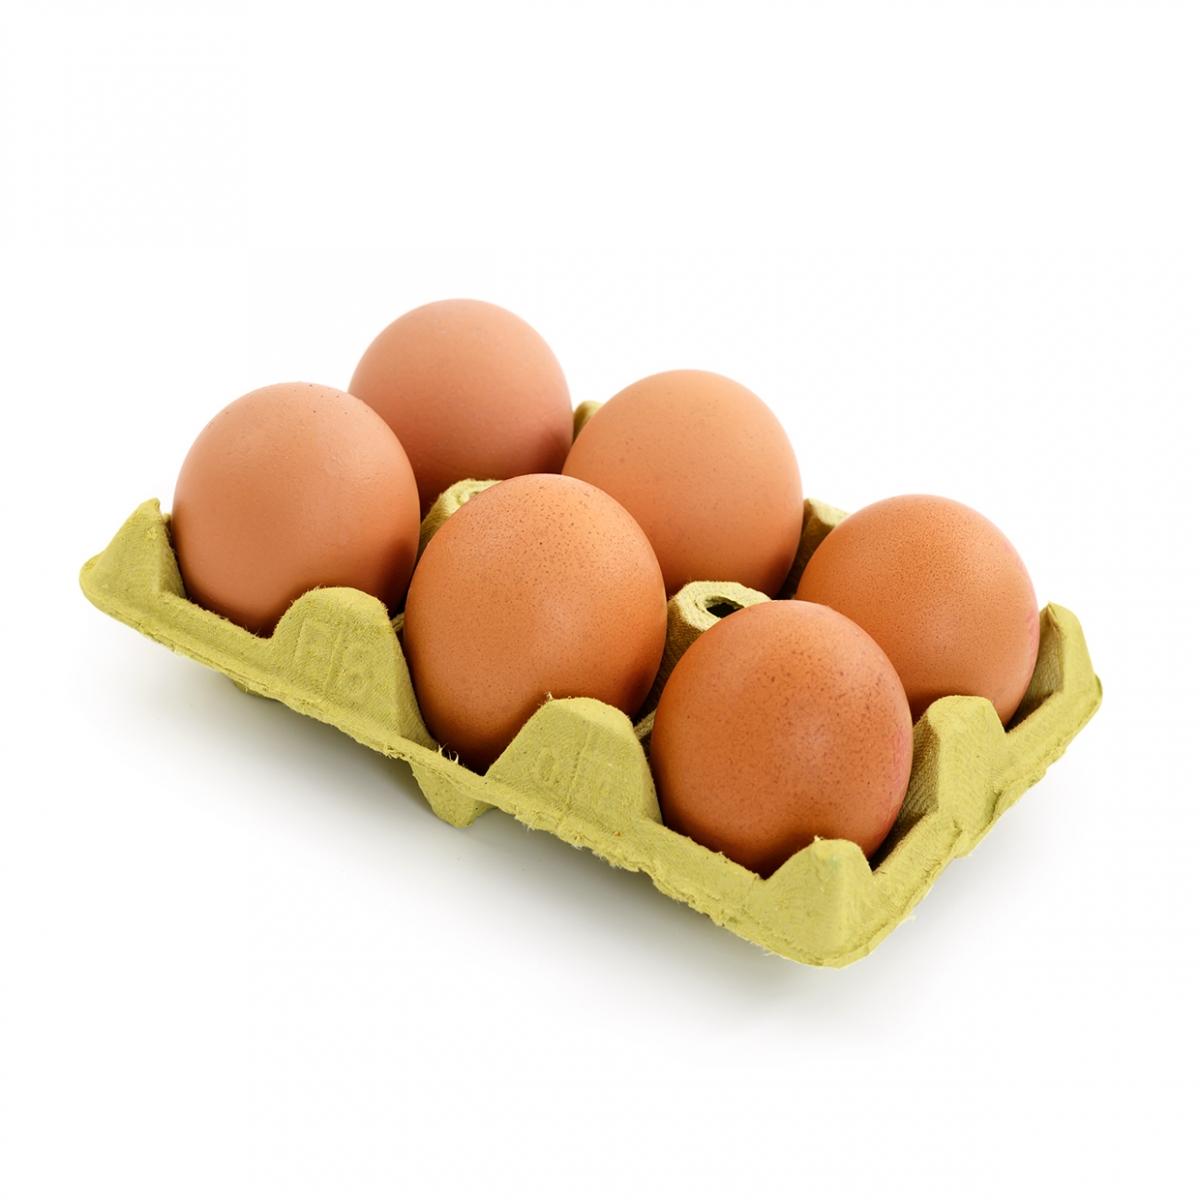 Imagen en la que se ve una huevera con 6 huevos